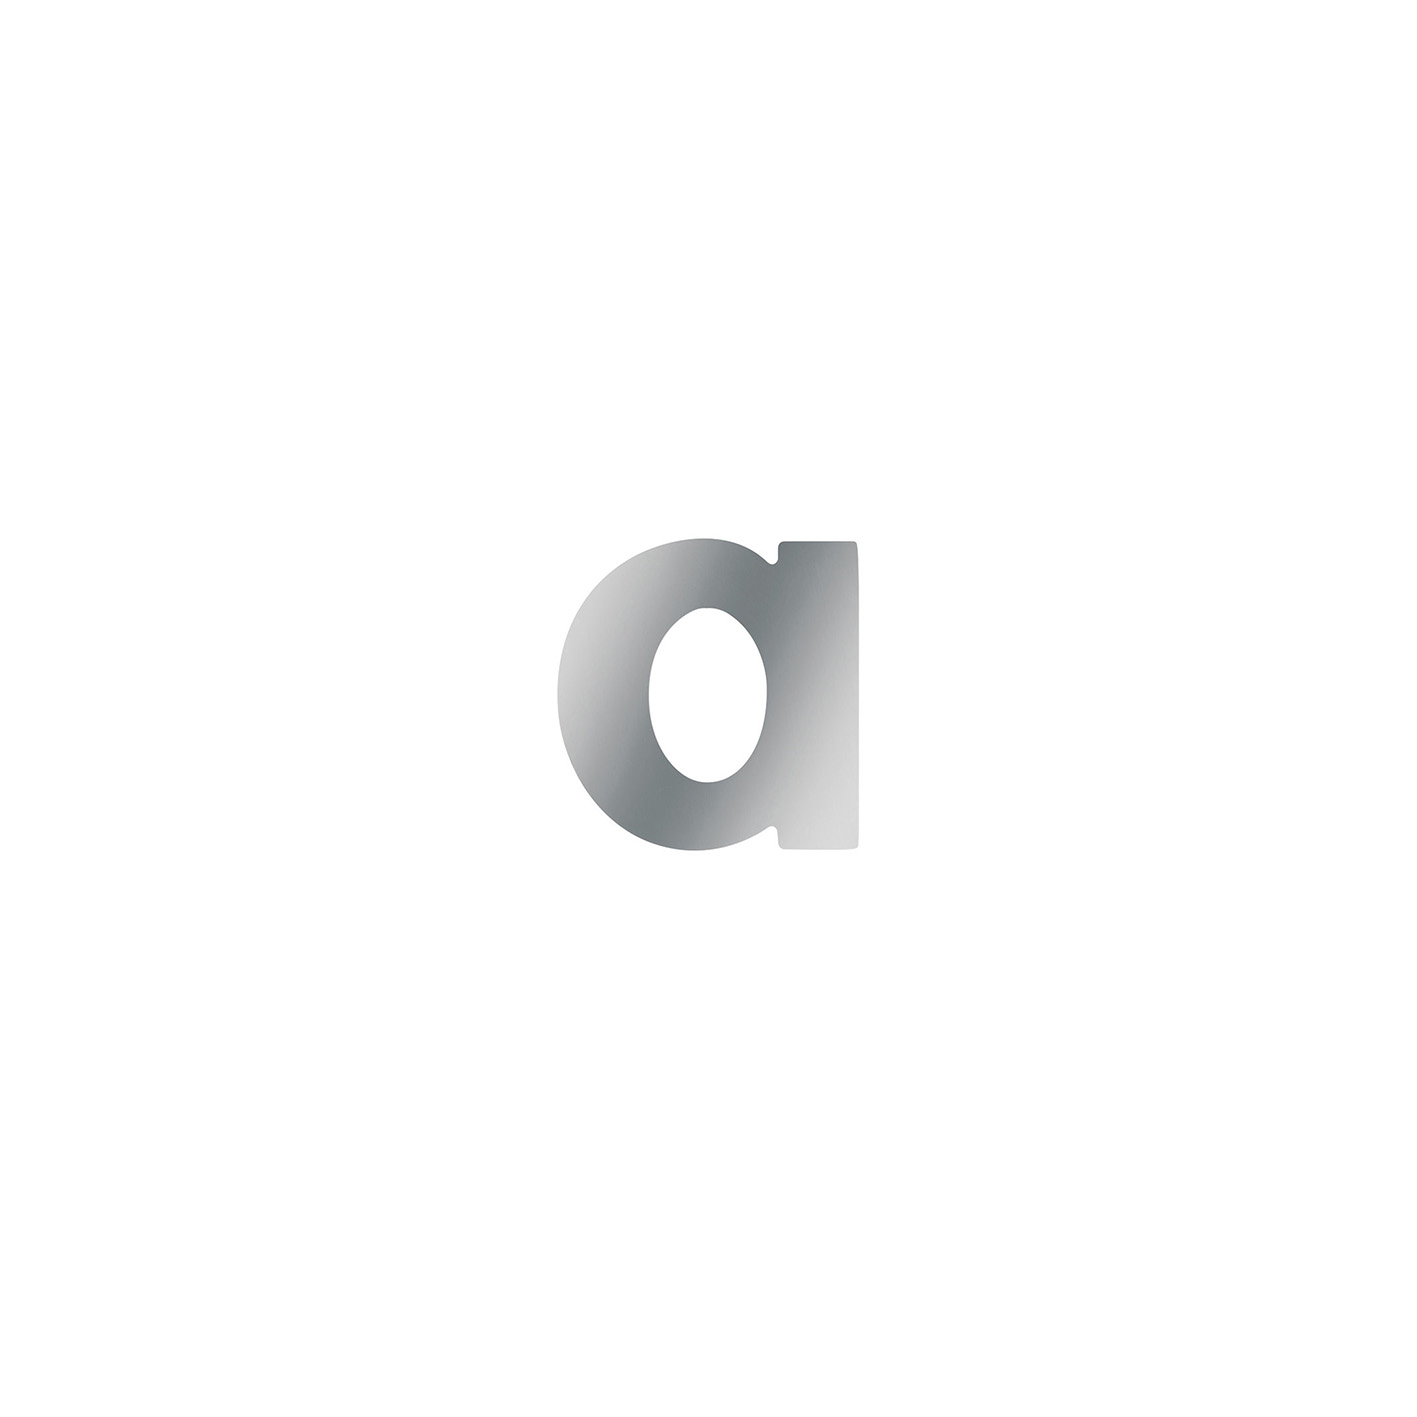 NUMERO CIVICO INOX- A MINUSCOLA